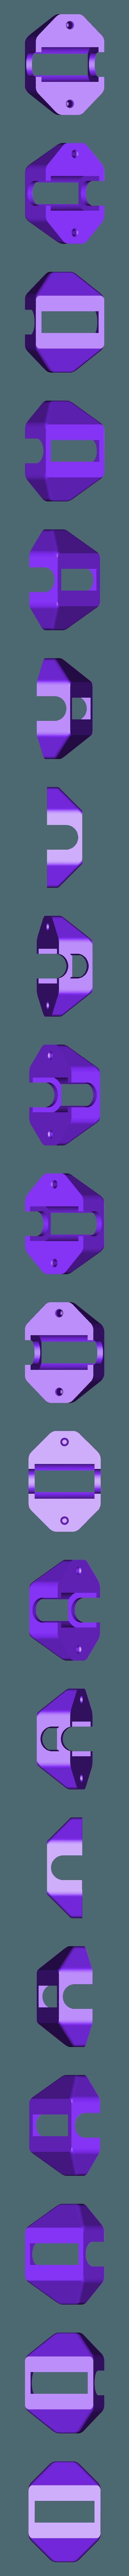 Bearing_Mount_v2-1.STL Télécharger fichier STL gratuit LM8UUU Support de palier • Modèle à imprimer en 3D, WalterHsiao